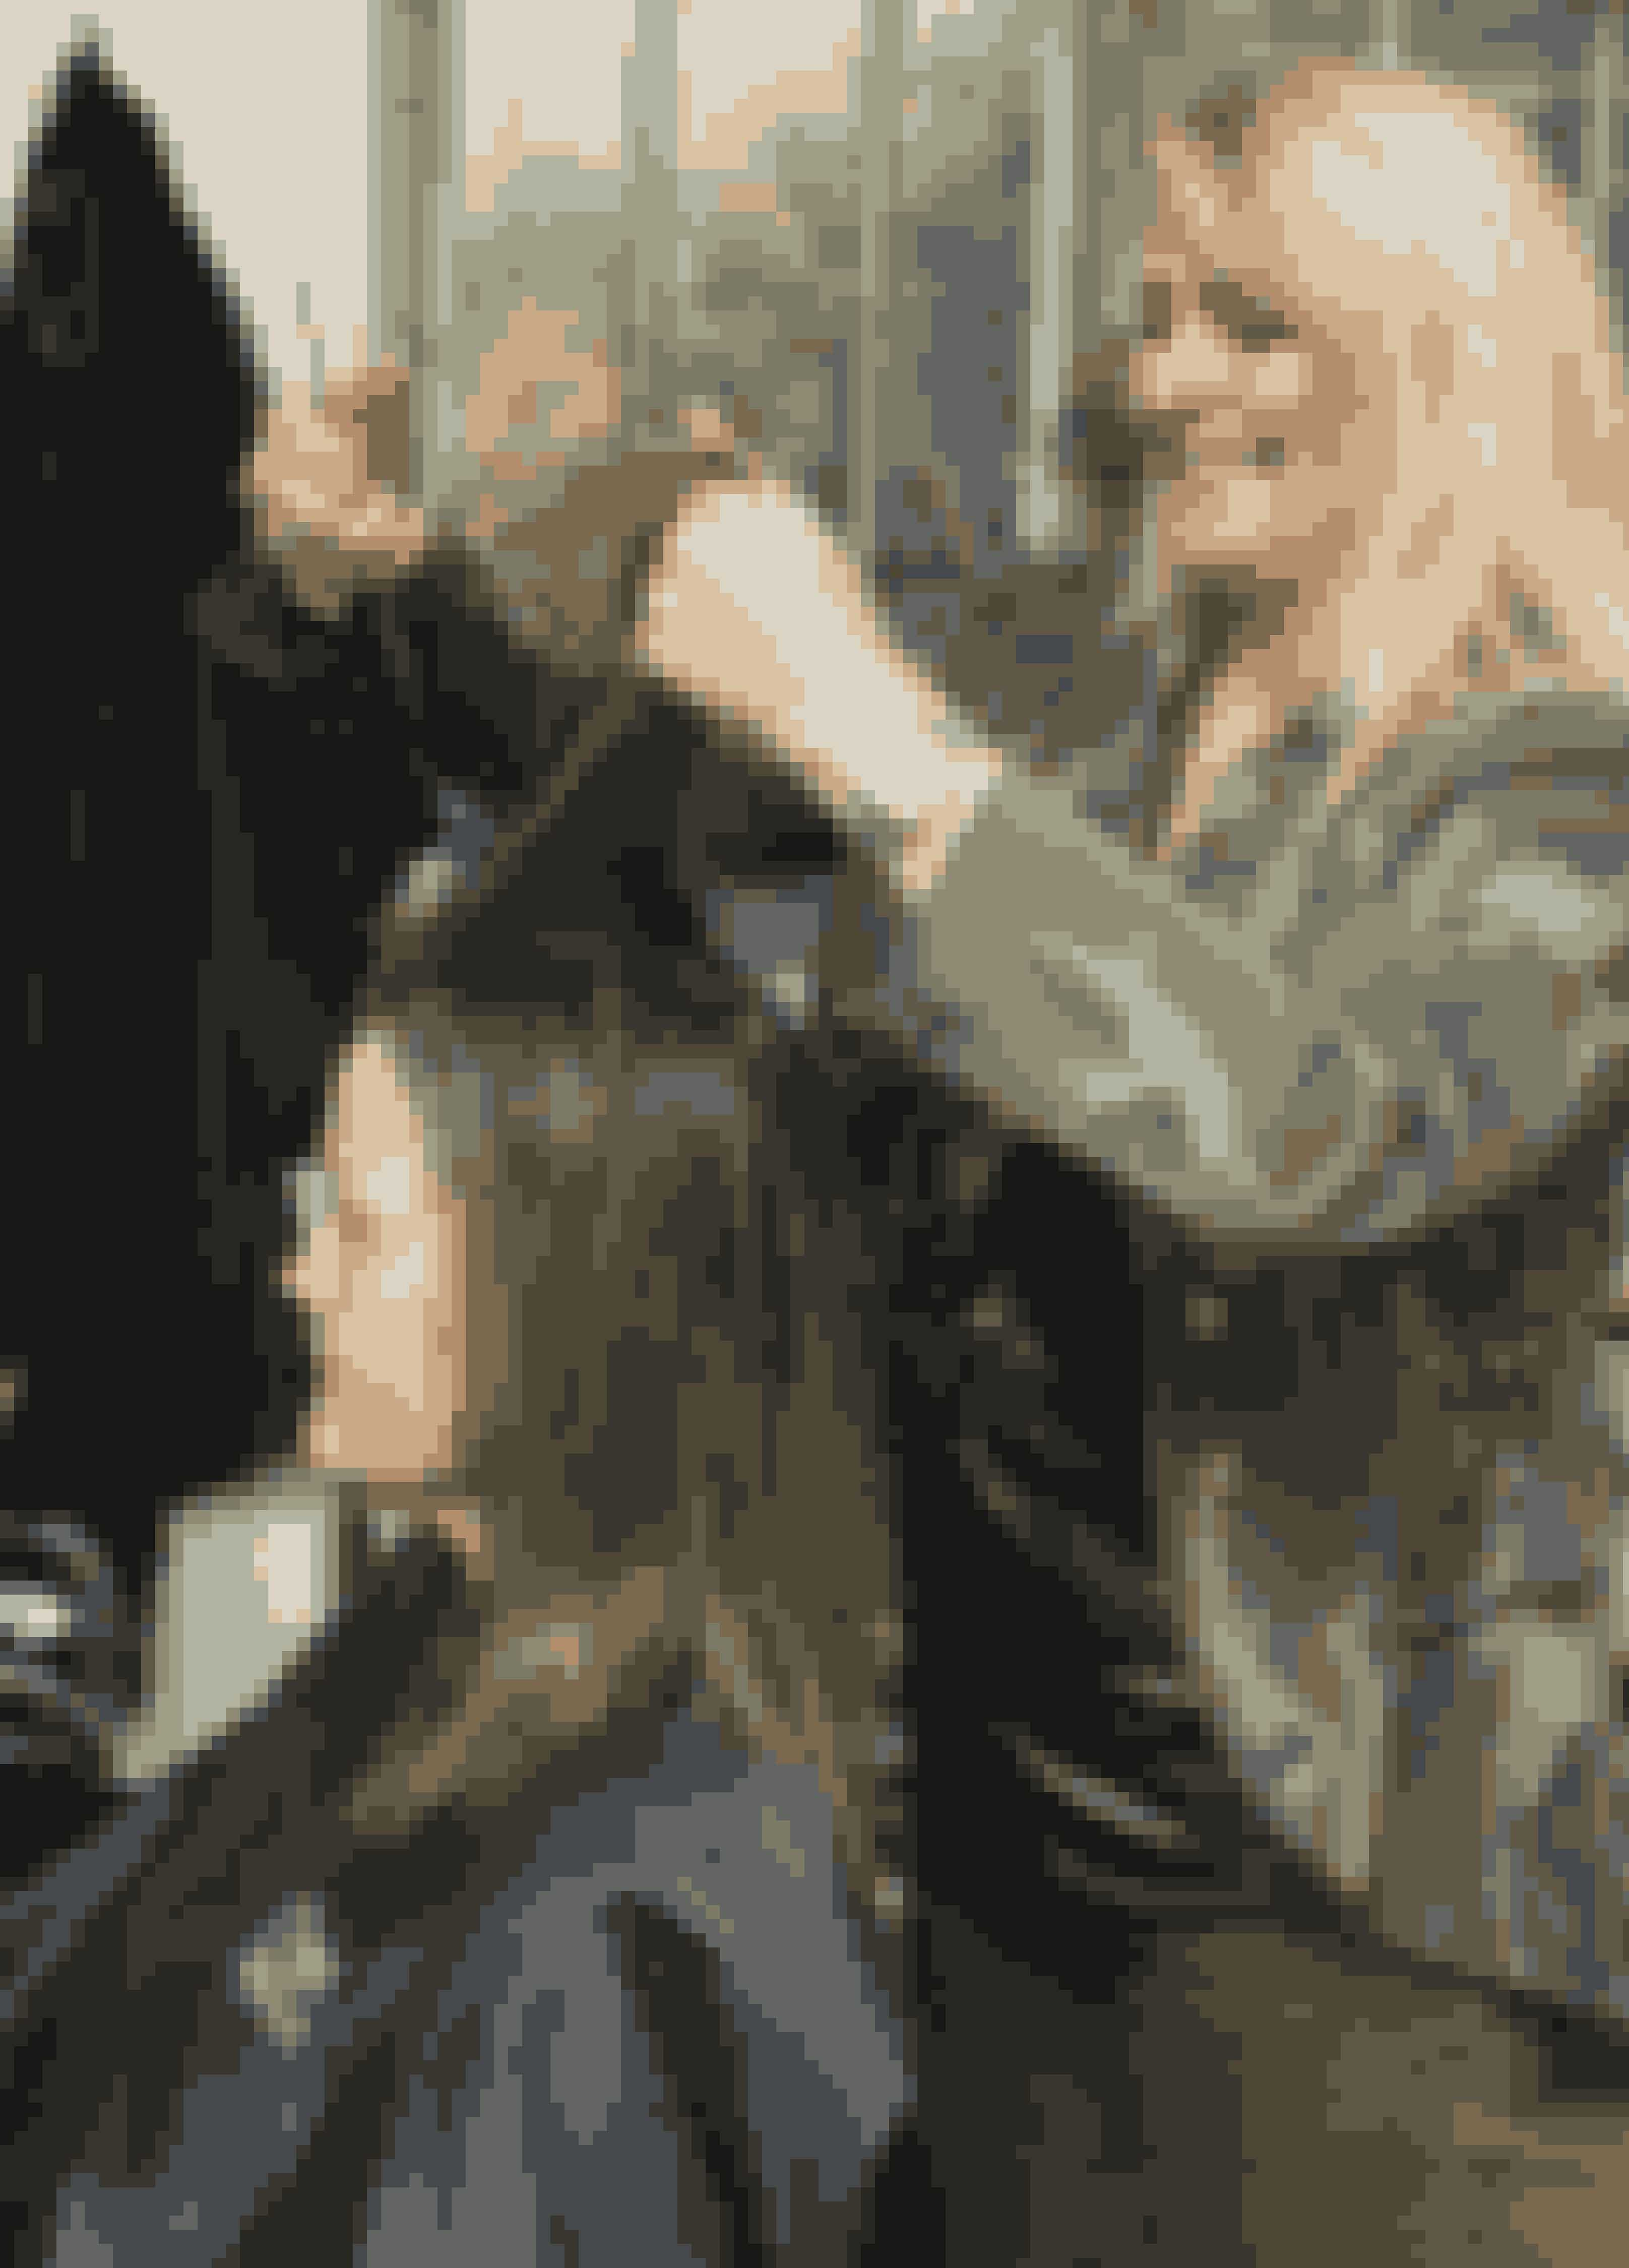 """""""Det er vigtigt for Karin, at håret kan sættes op i forbindelse med hendes arbejde, men vi kan sagtens klippe en del af, og samtidig bevare en god længde, for spidserne er meget lange og tynde,"""" fortæller Susanne Haxthausen Doreng fra salon Easy Cut i Brønshøj.Da hun har klippet et godt stykke af Karins hår, klipper hun etager i hele håret for at løfte det og give et friskere look til Karins ansigt. Hun farver lyse reflekser i hele håret for at give håret en anden struktur. På den måde får hun mere fylde i håret, samtidig med at hun får lettere ved at sætte det. """"Jeg kigger på hendes øjenfarve og kulør og selvfølgelig hendes naturlige hårfarve, og ud fra det vurderer jeg, at det vil klæde hende med lysere toner og kortere hår,"""" siger Susanne."""